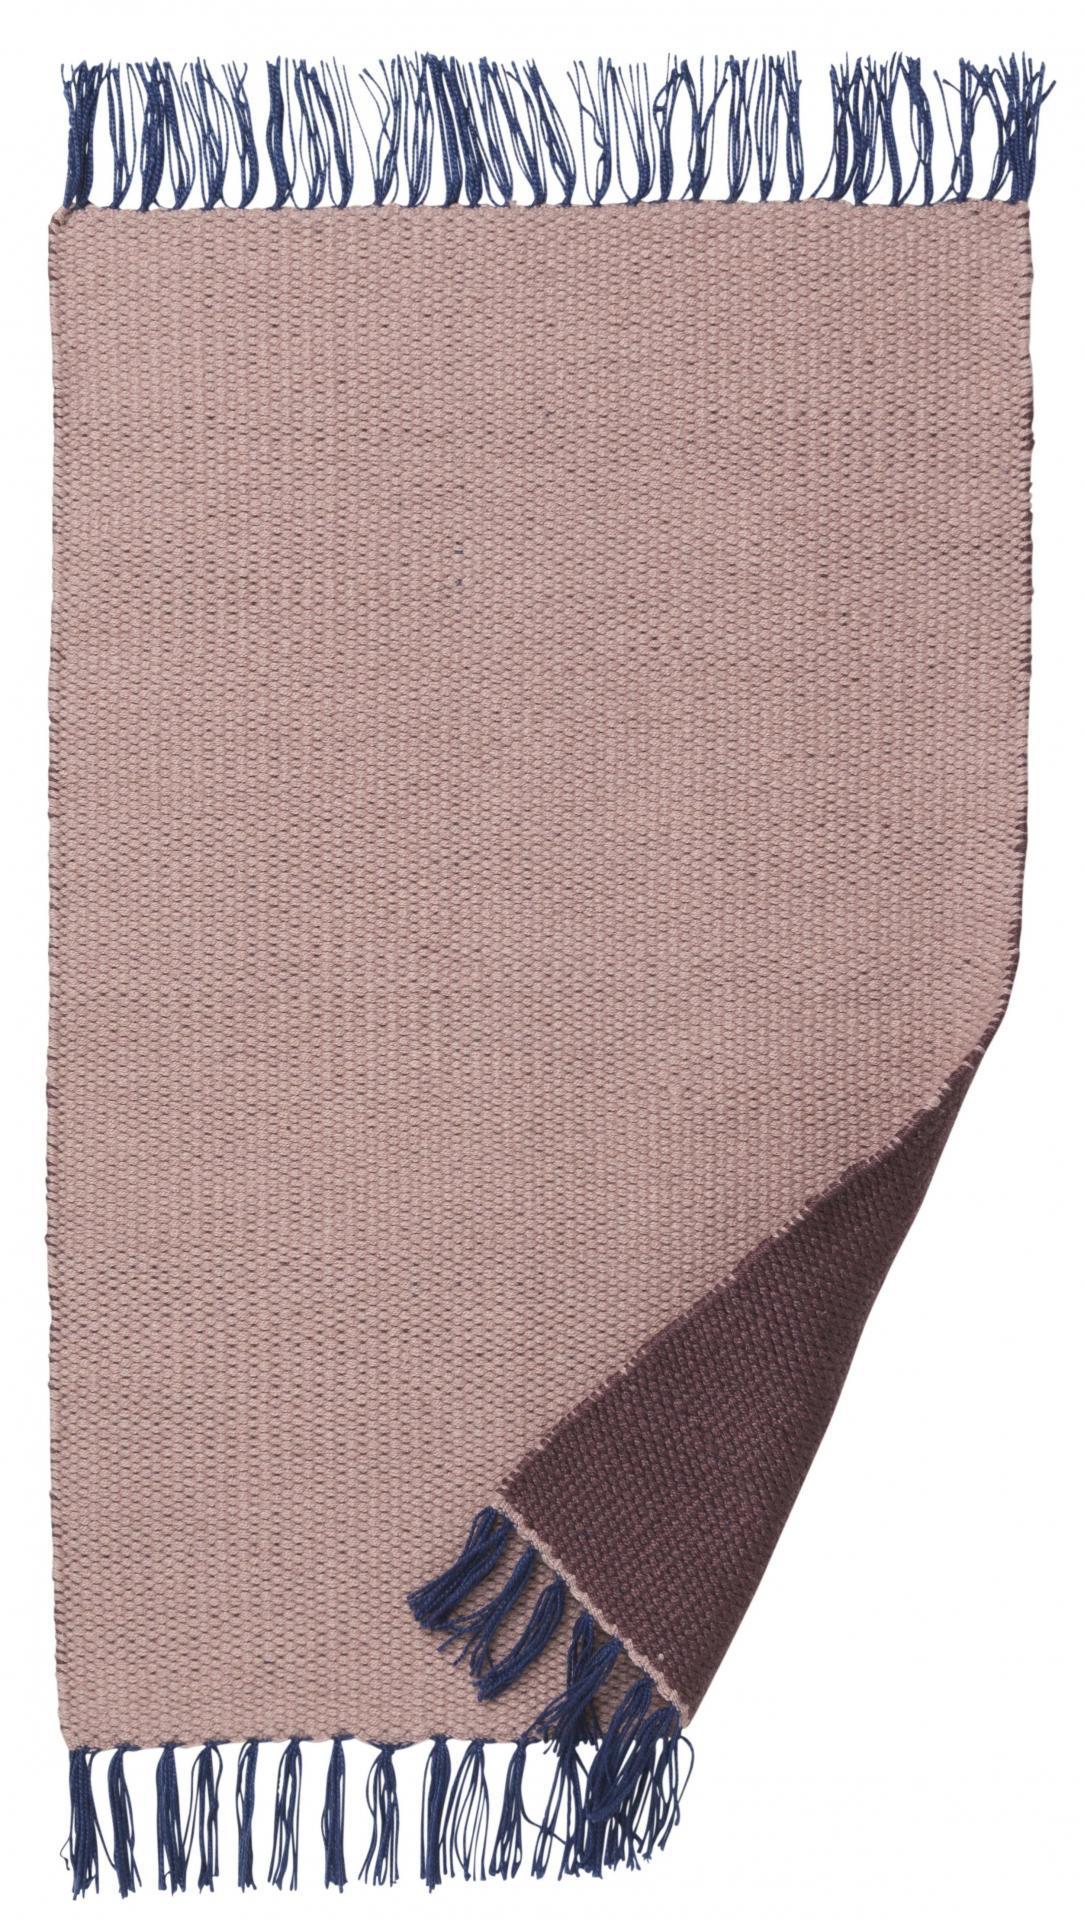 ferm LIVING Koberec Nomad Rose 90x60 cm, růžová barva, modrá barva, hnědá barva, textil